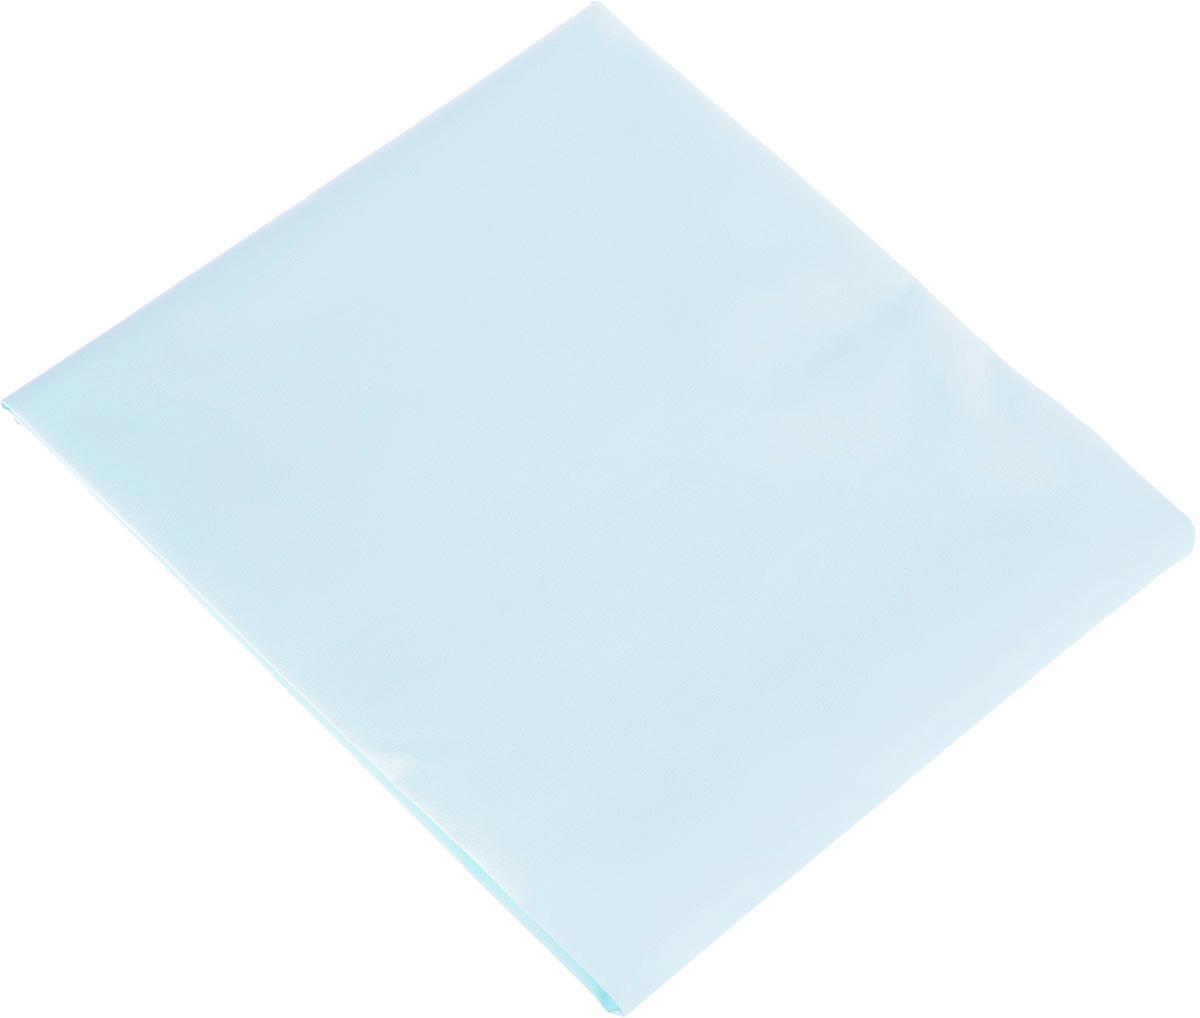 Пелигрин Наматрасник детский цвет голубой 120 х 60 х 10 см106-032Наматрасник Пелигрин с резинками на углах сделан из специальной клеёнки.Непромокаемый дышащий наматрасник надежно защитит кроватку малыша от протеканий и продлит срок службы матраса. Материал, из которого он сделан, обладает отличной теплопроводностью и паропроницаемостью. Он быстро приобретает температуру тела. тем самым устраняя эффект холодного прикосновения. А это значит, что вашему крохе будет всегда уютно в своей кроватке.Допускается машинная стирка при температуре 30 градусов, не требует глажки.